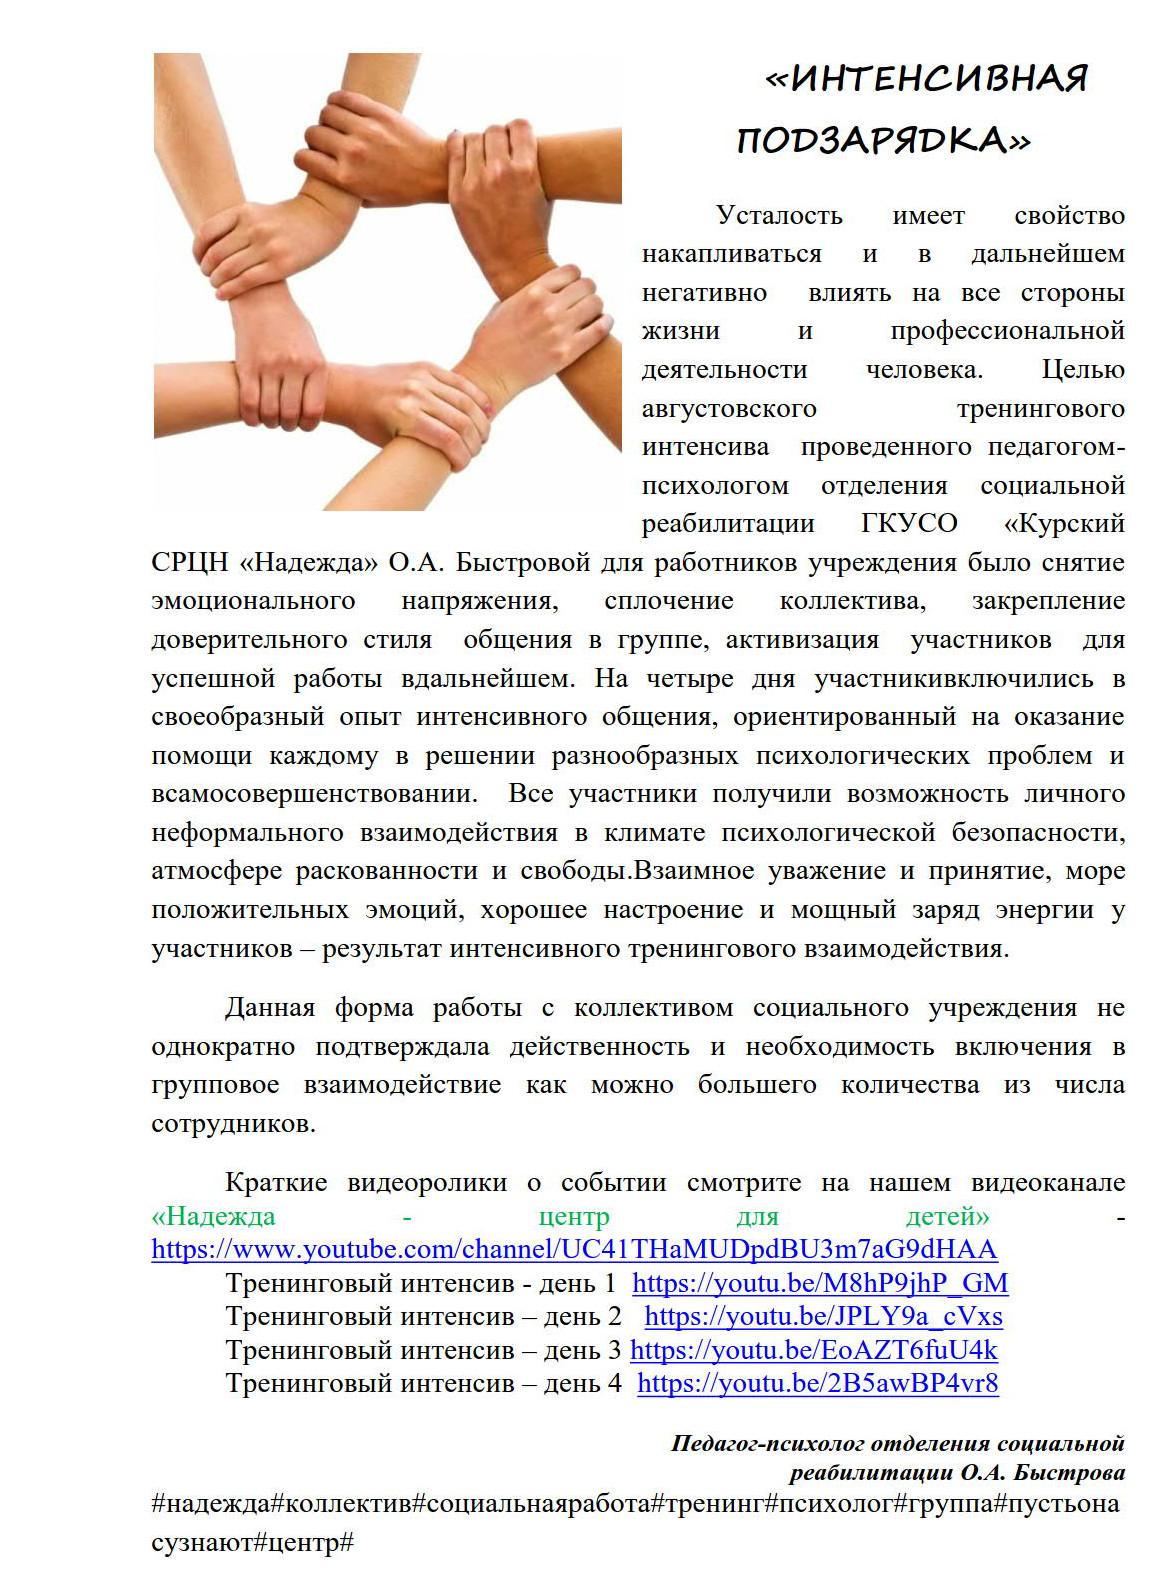 статья ИНТЕНСИВ_1